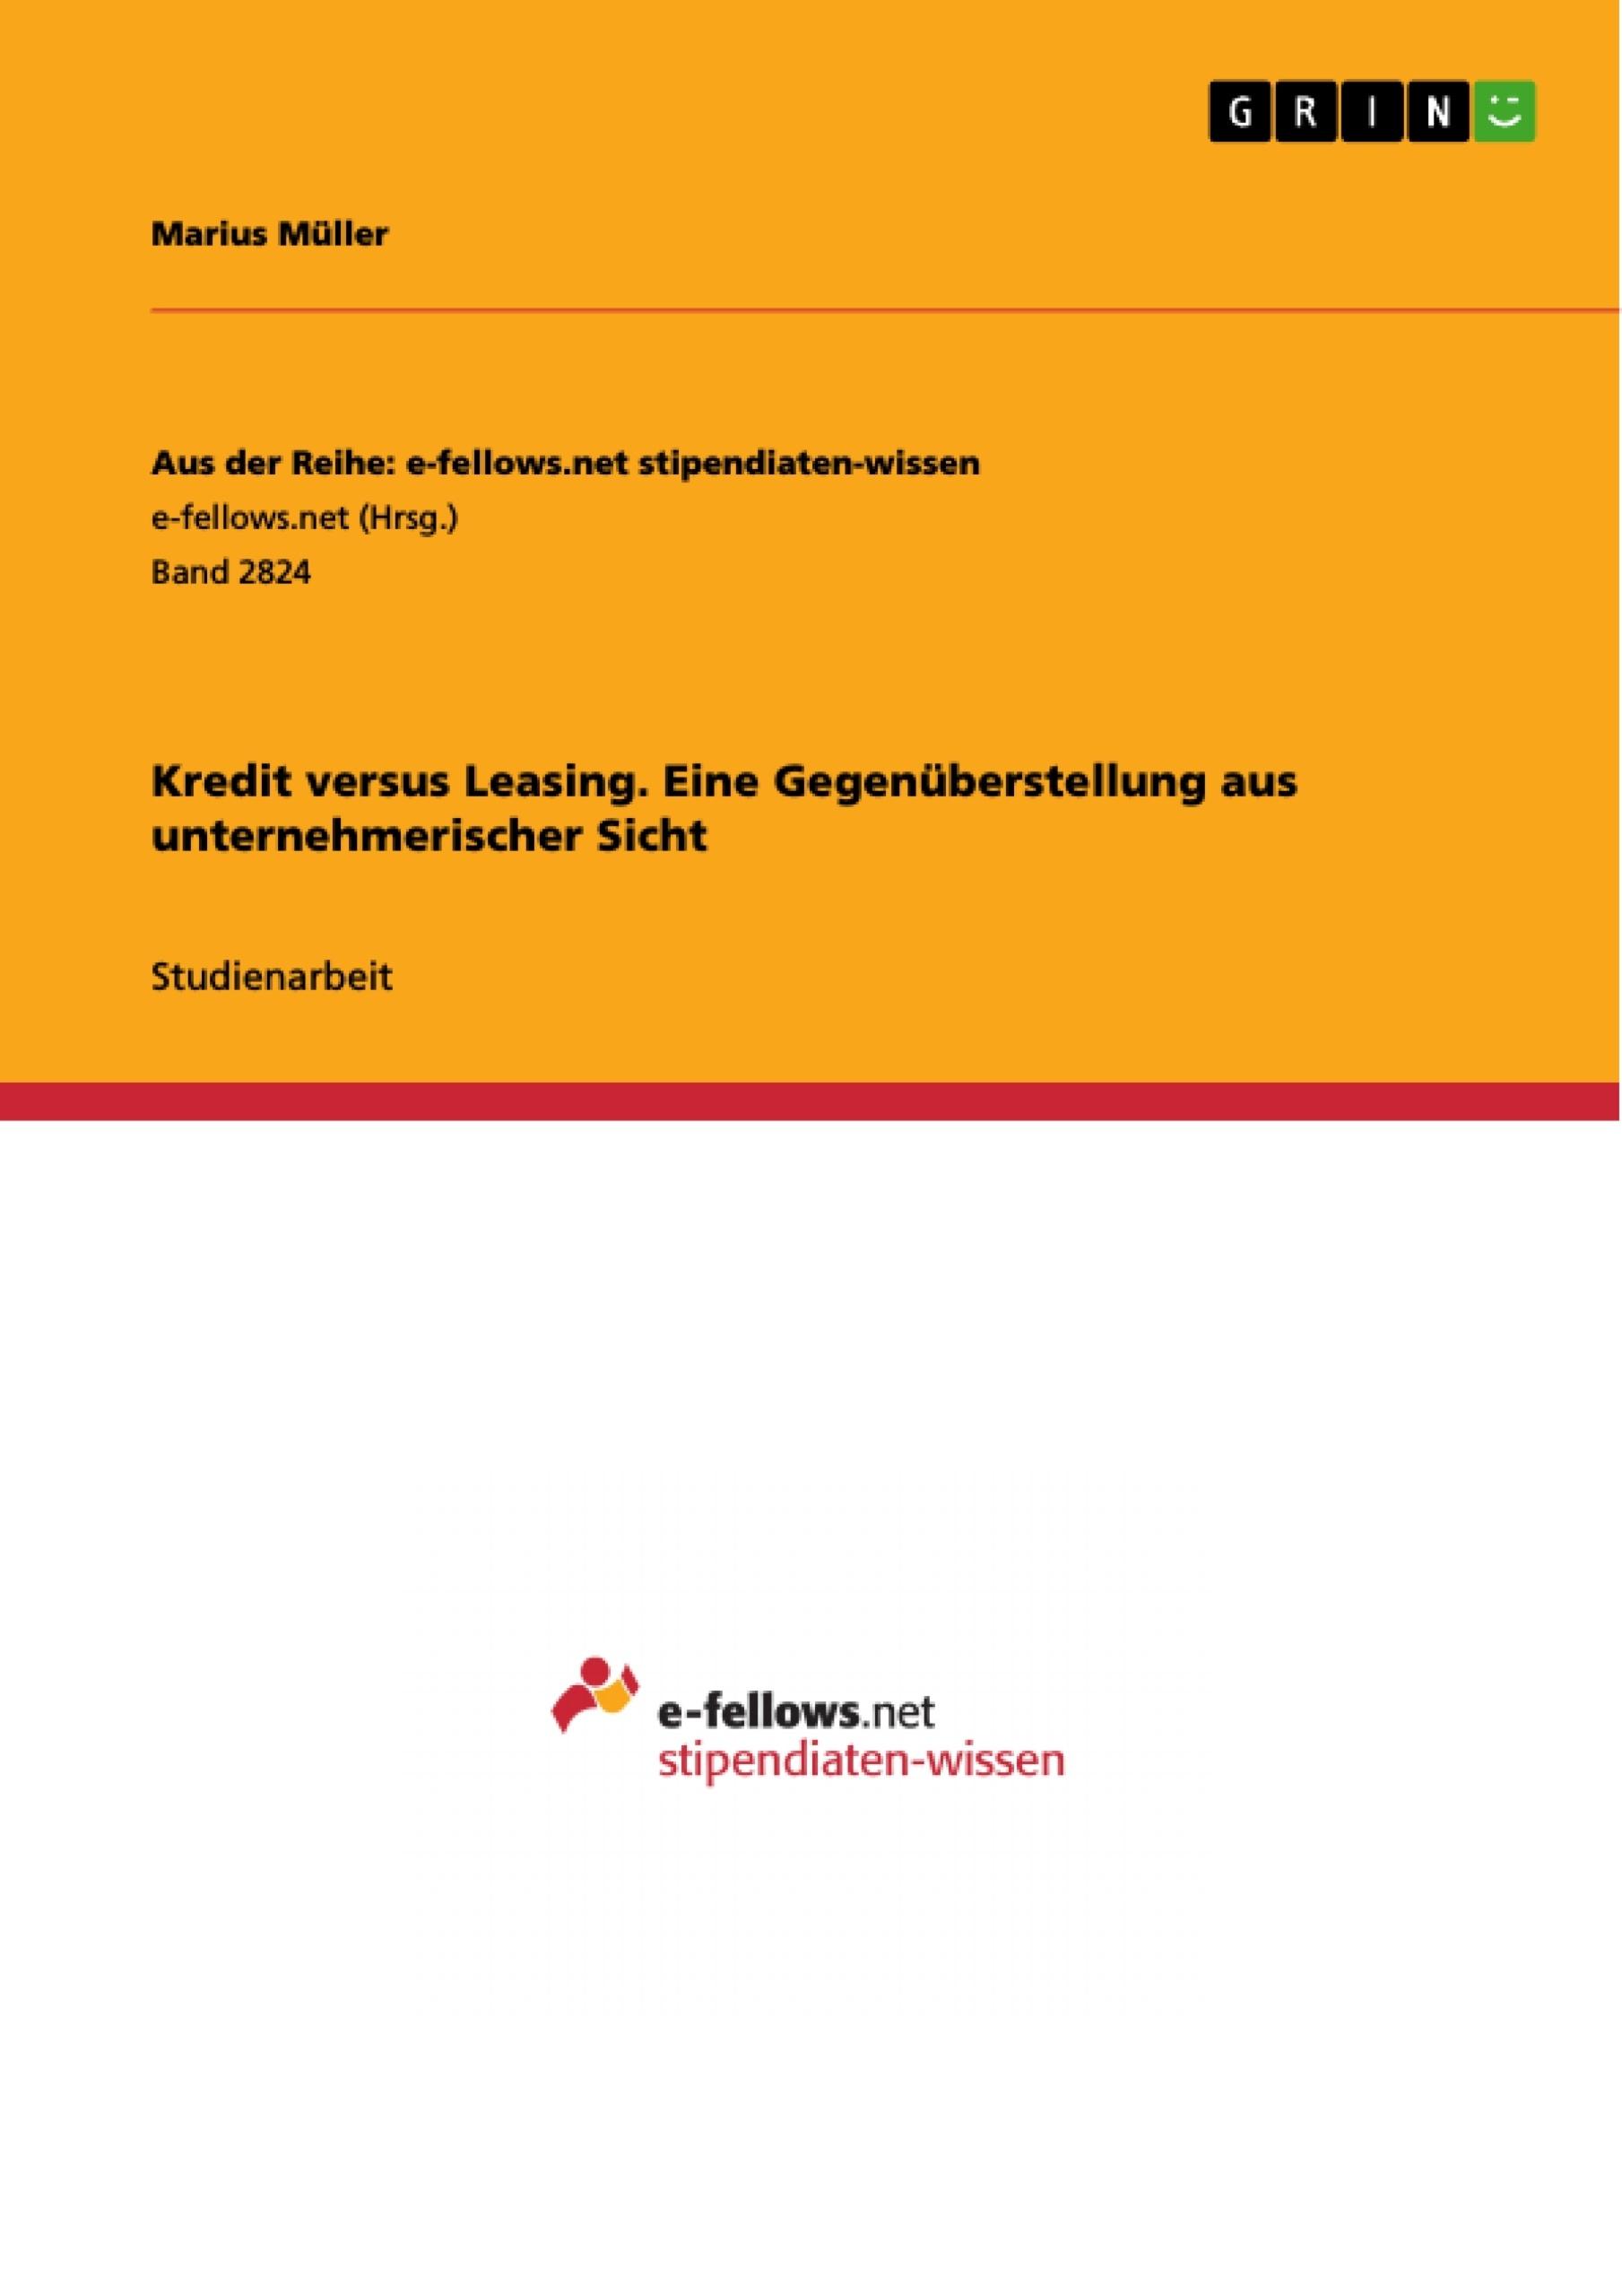 Titel: Kredit versus Leasing. Eine Gegenüberstellung aus unternehmerischer Sicht